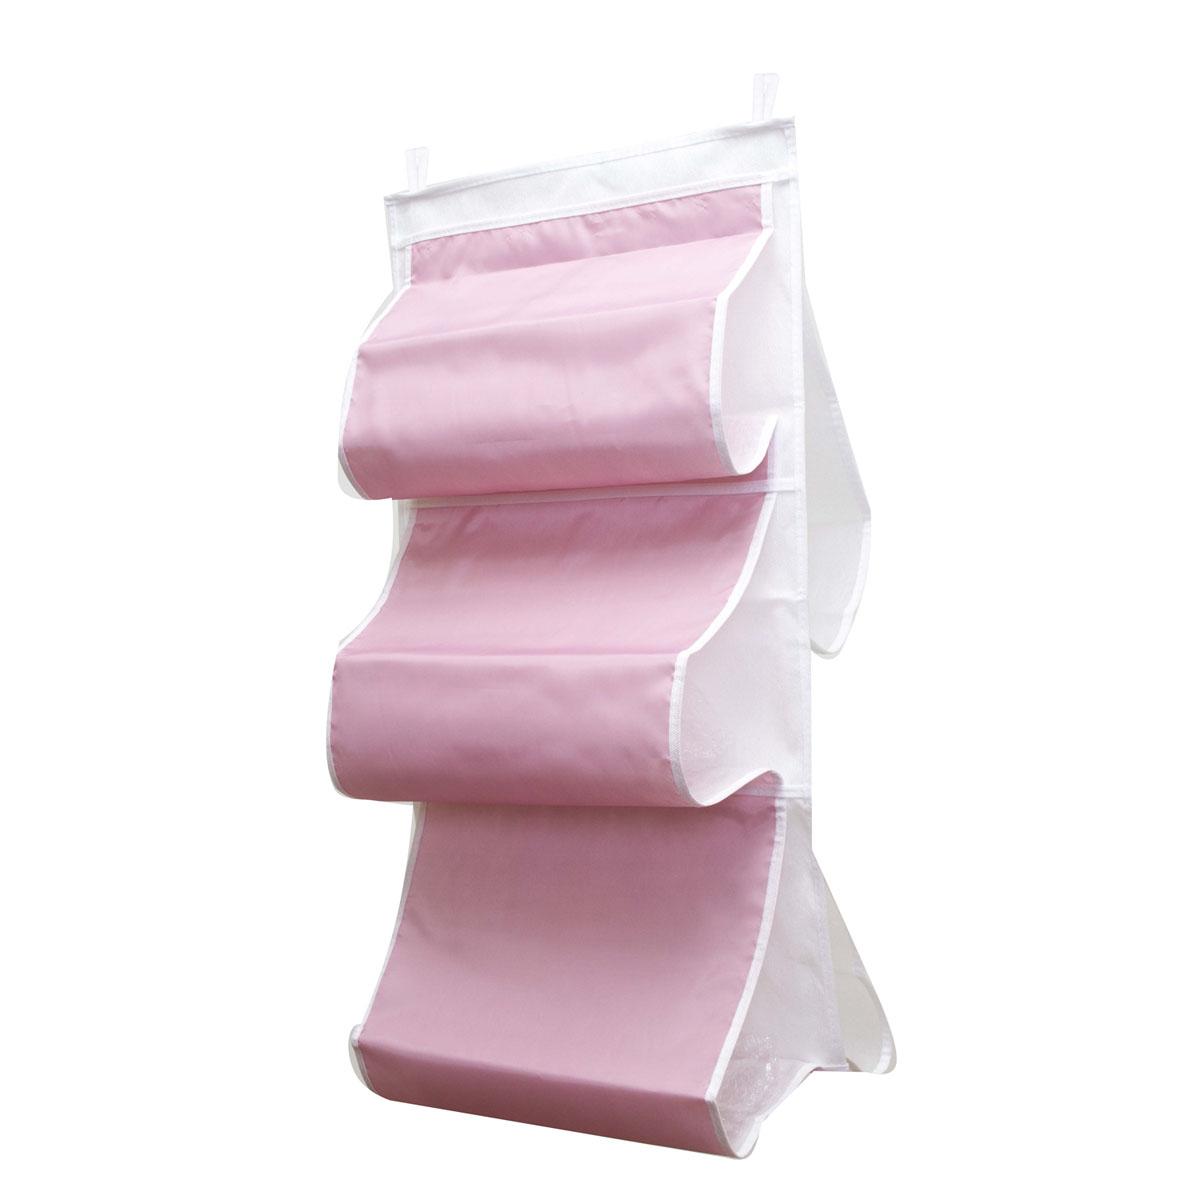 Органайзер для сумок Homsu Capri, 5 отделений, 40 х 70 смHOM-32Органайзер для хранения сумок Homsu Capri изготовлен из полиэстера. Изделие имеет 5 отделений, его можно повесить в удобное место за крючки. Такой компактный и удобный в каждодневном использовании аксессуар, как этот органайзер, размещающийся в пространстве шкафа, на плоскости стены или дверей.Практичный и удобный органайзер для хранения сумок.Размер чехла: 40 х 70 см.